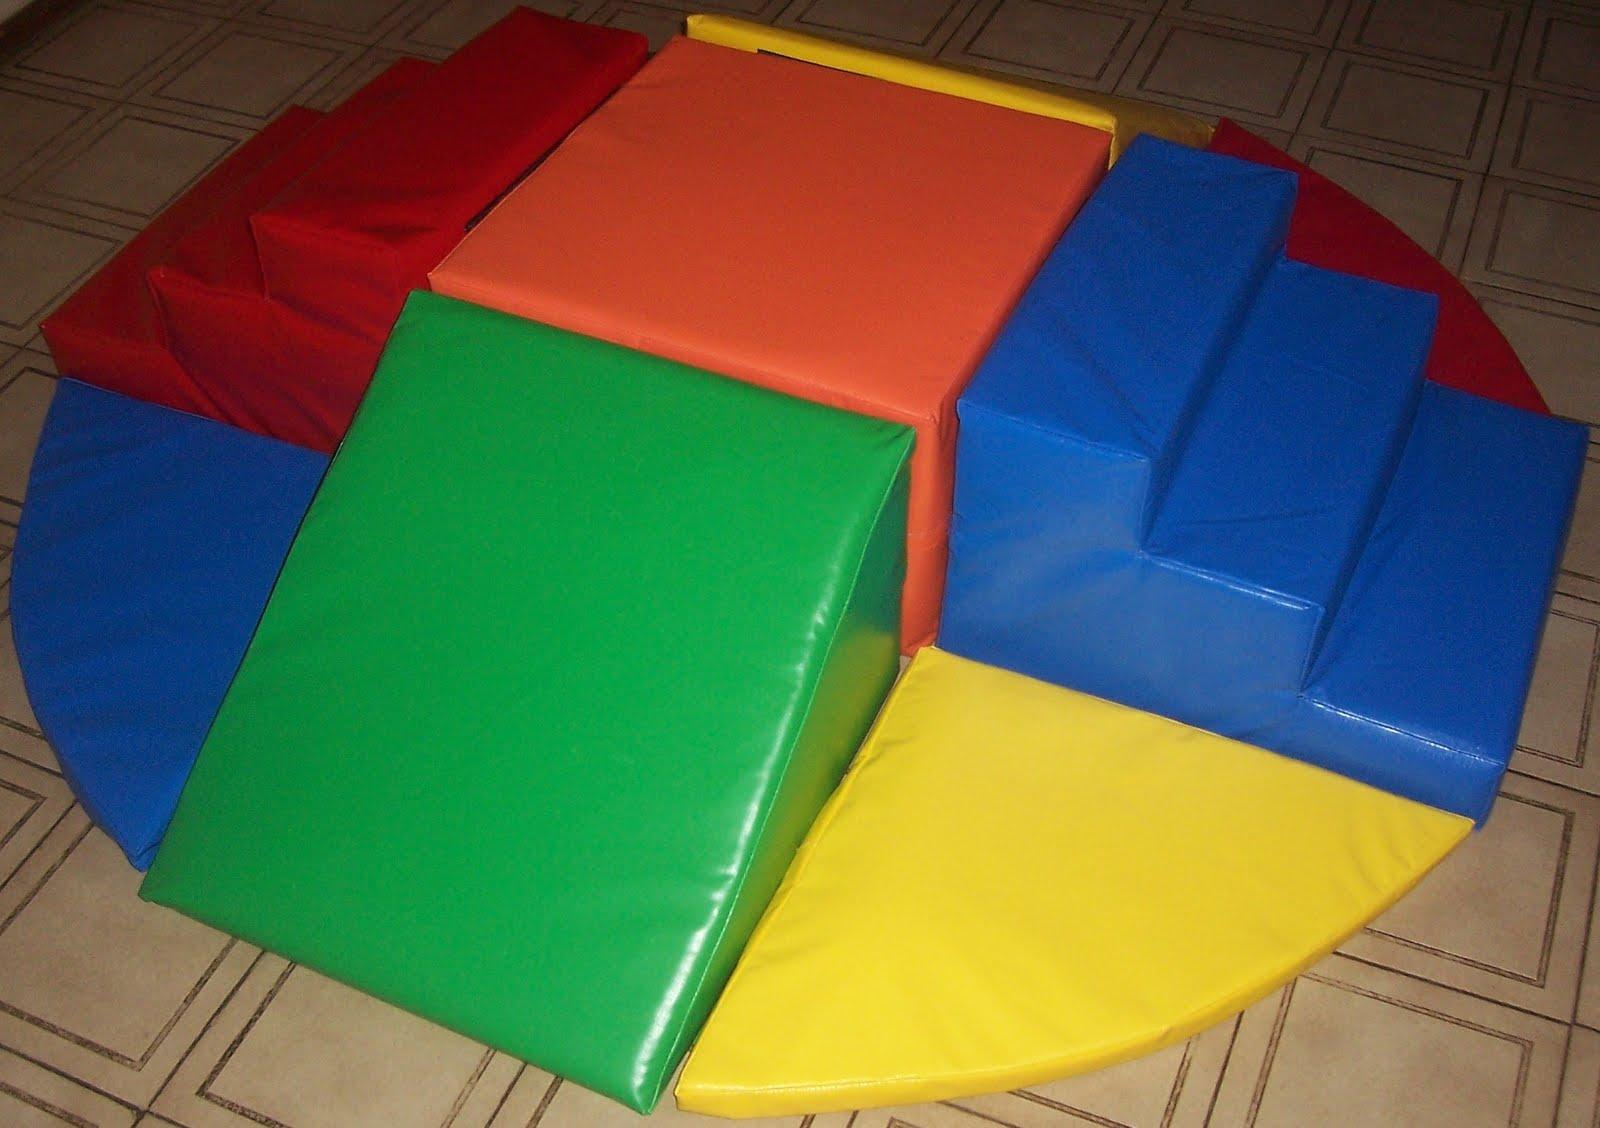 JUEGOS DIDACTICOS juegosdidacticos@gmail.com